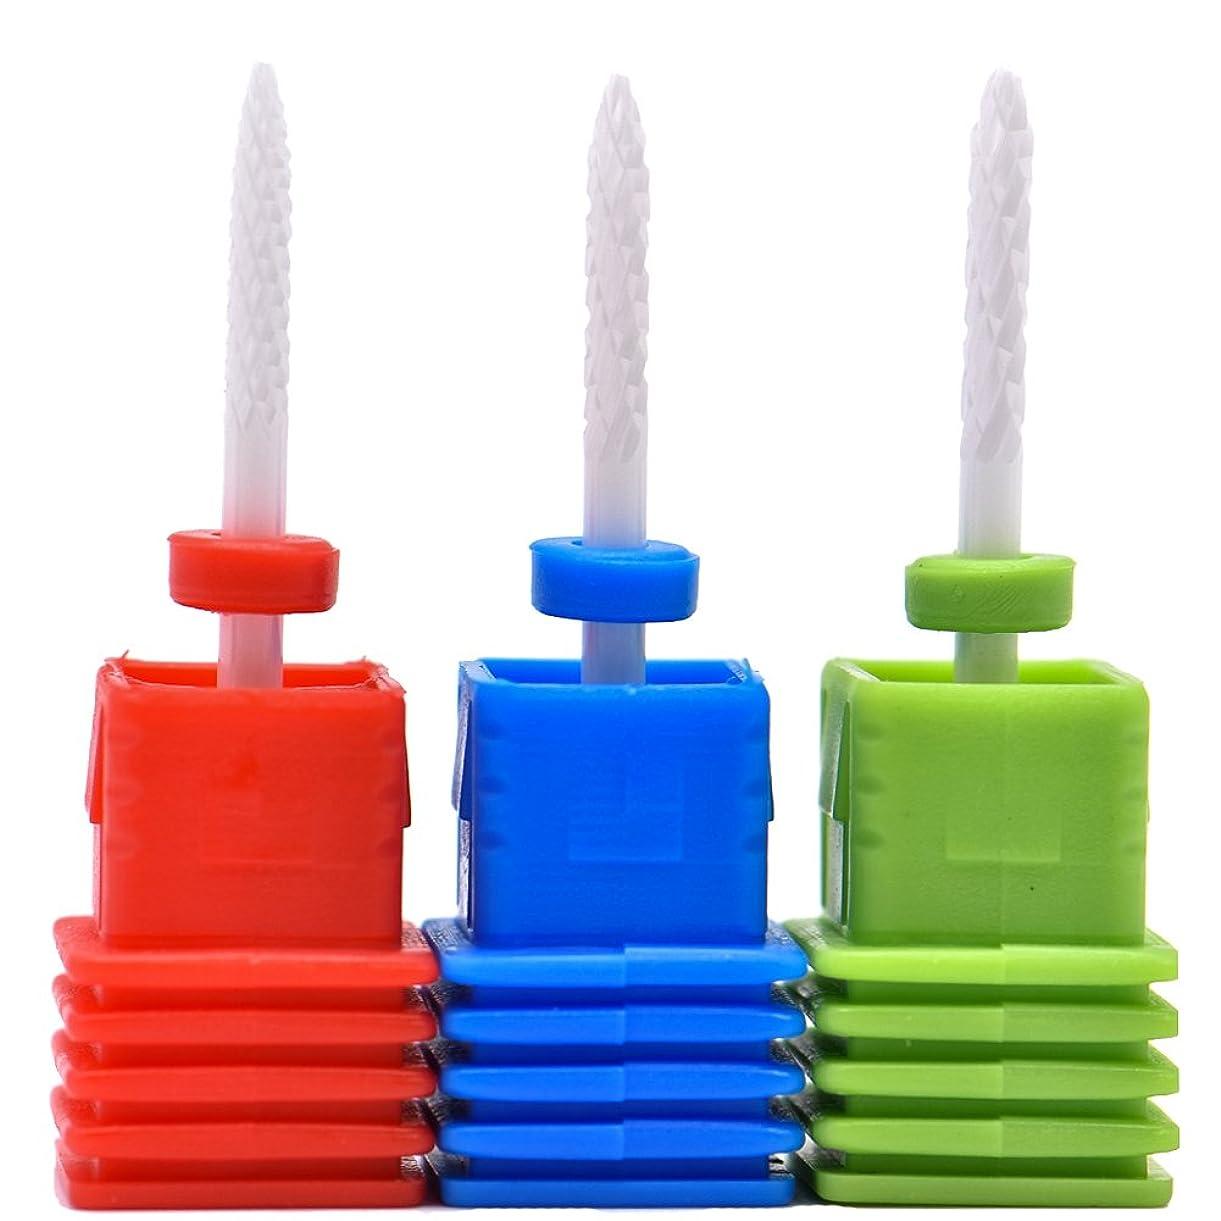 ふくろう摂氏度昇進Oral Dentistry ネイルアート ドリルビット 細かい 研削ヘッド 研磨ヘッド ネイル グラインド ヘッド 爪 磨き 研磨 研削 セラミック 全3色 (レッドF(微研削)+ブルーM(中仕上げ)+グリーンC(粗研削))